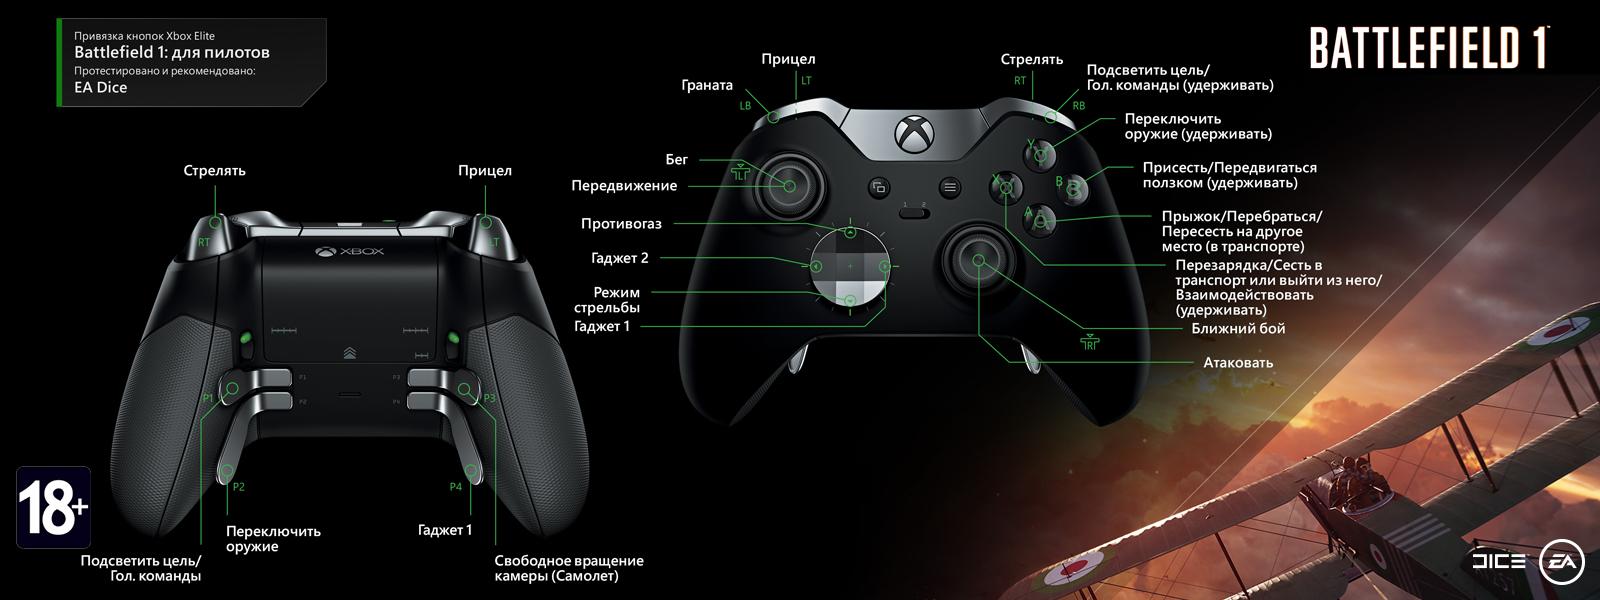 Battlefield 1 — раскладка для пилотов под геймпад Elite